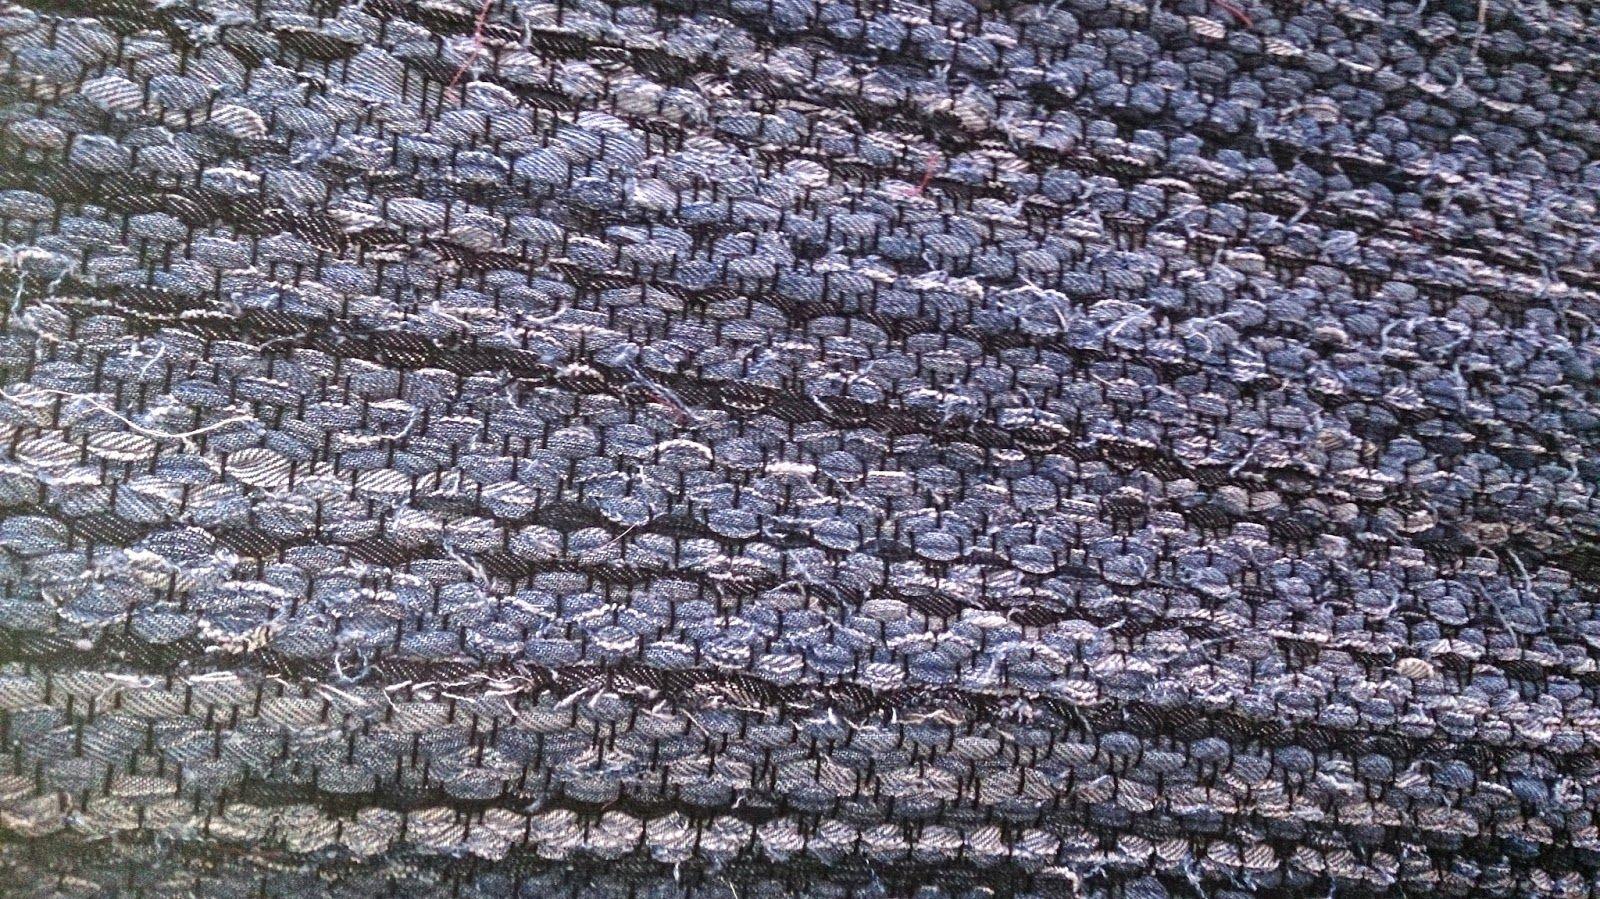 VÄVSKÄLET - looks like back side of rug , tones are really nice